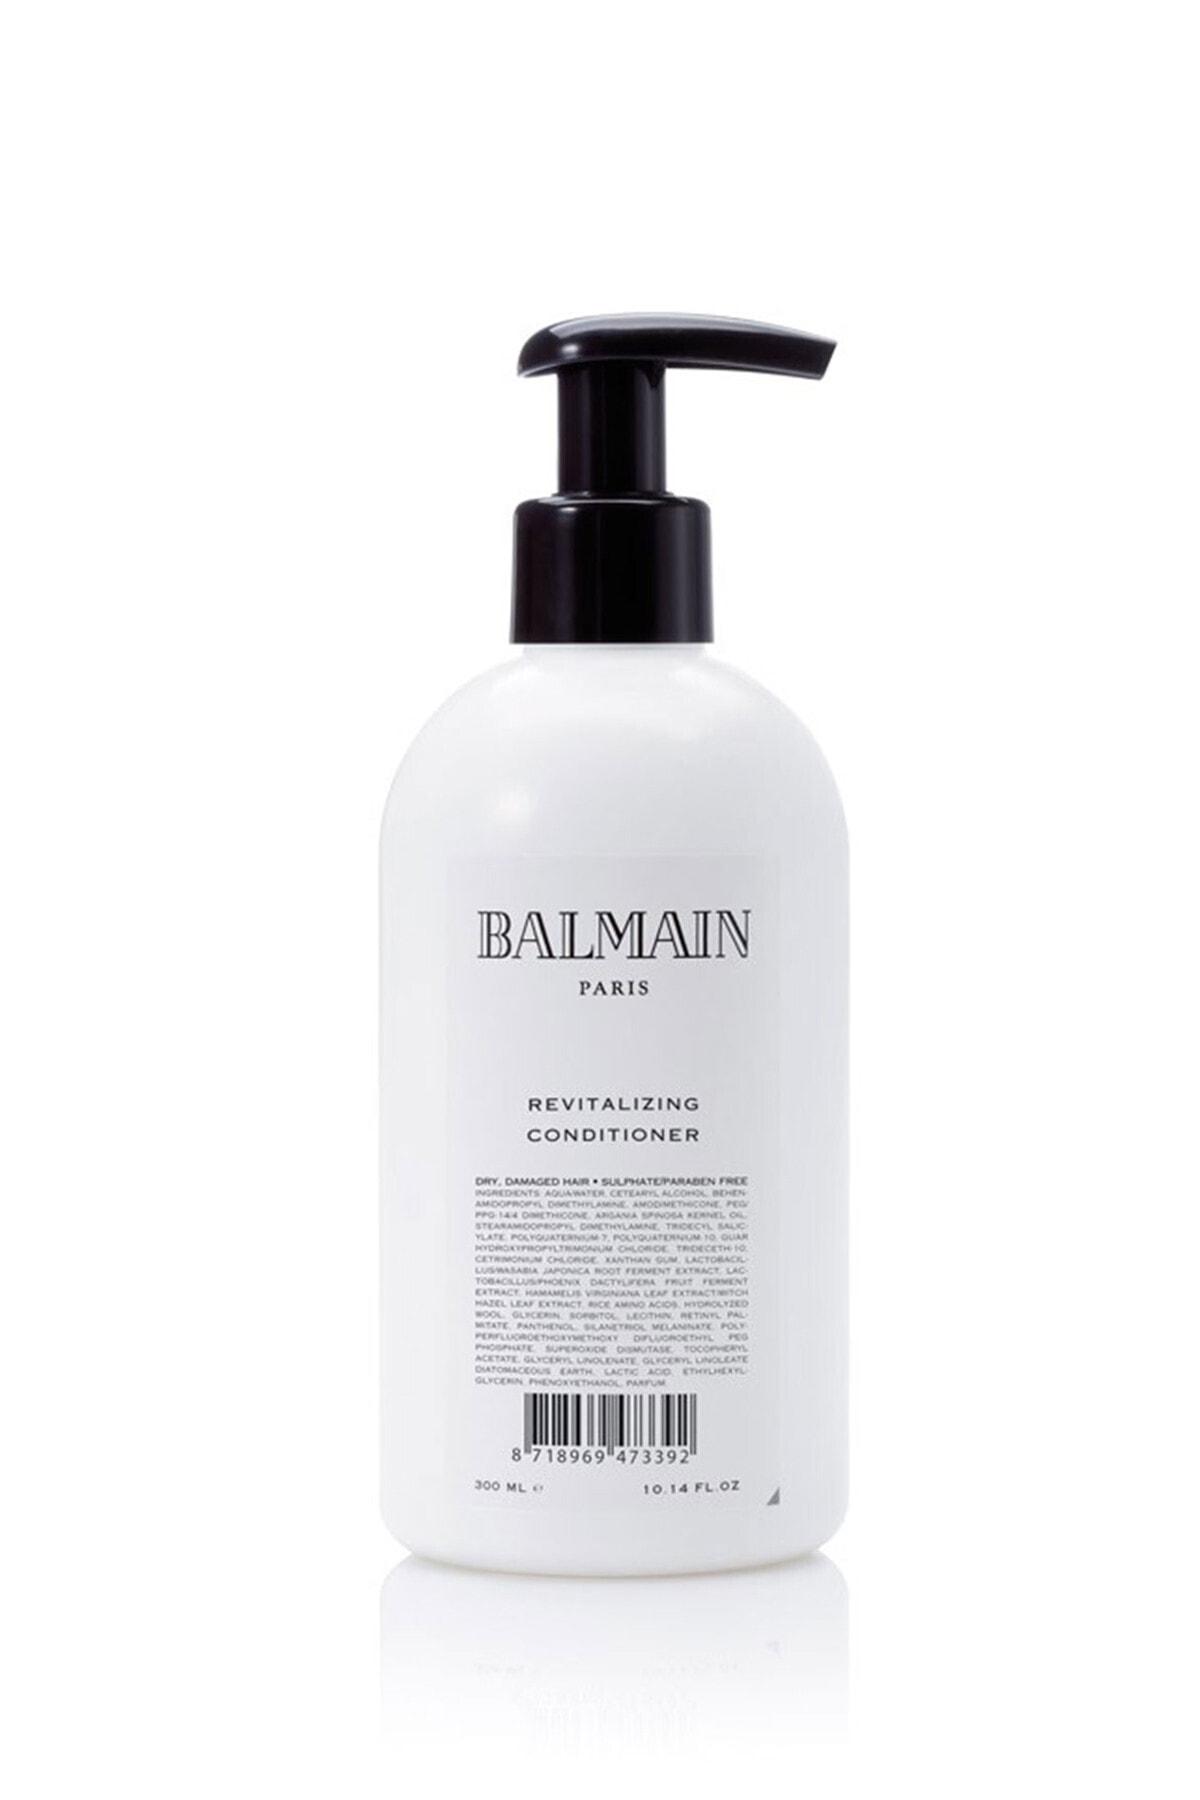 BALMAIN Canlandırıcı Saç Kremi - Hc Revitalizing Conditioner 300 Ml 8718969473392 1